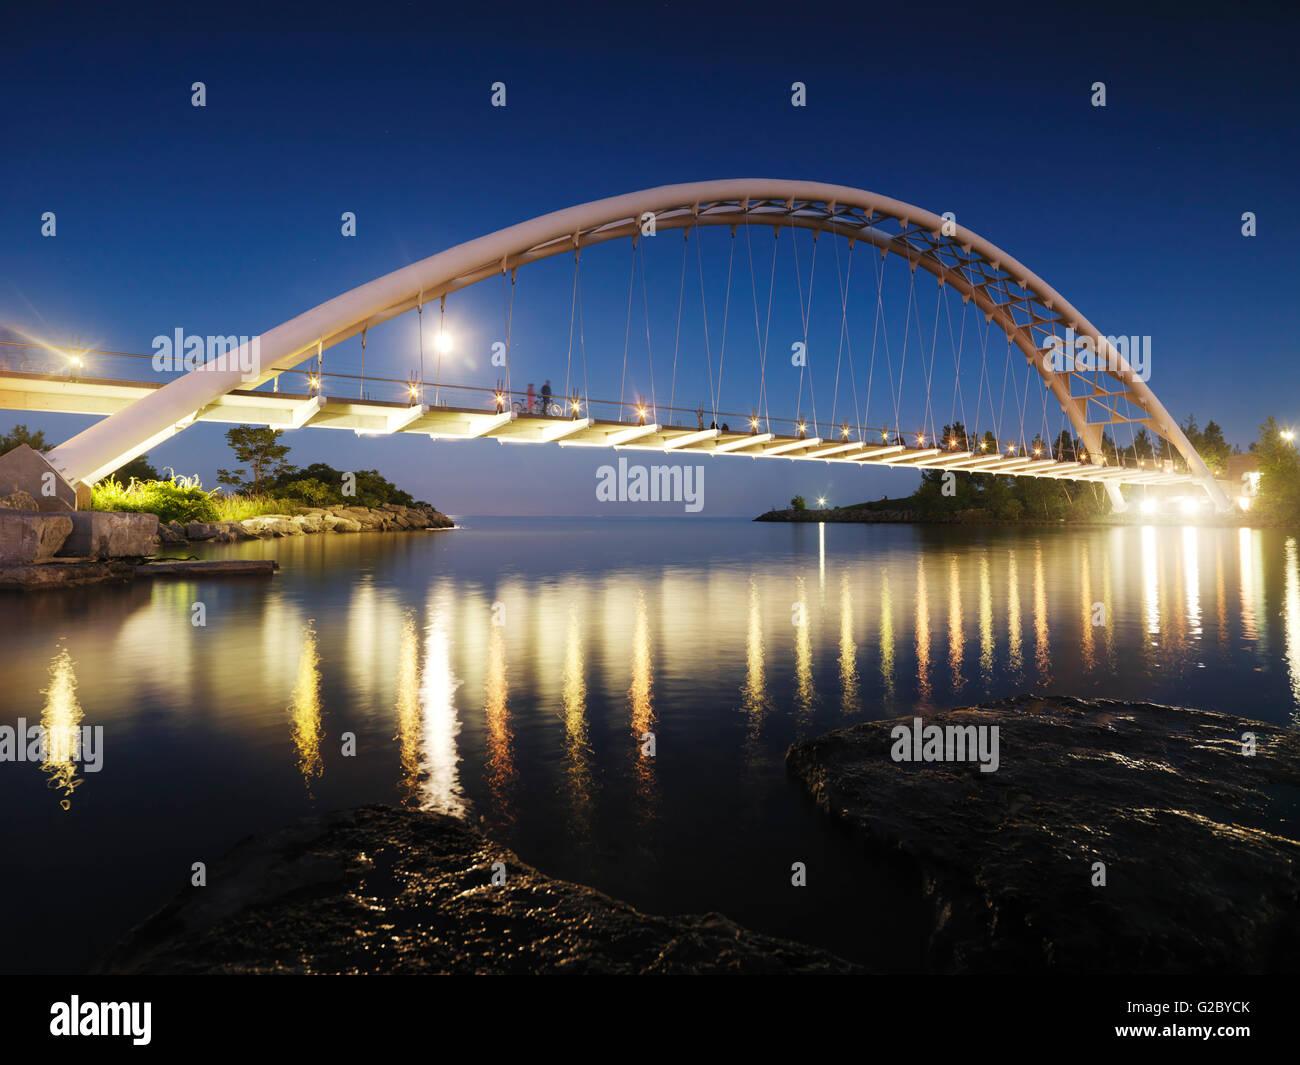 L'Arche de la rivière Humber Bridge at night, Toronto, Ontario, Canada Province Banque D'Images